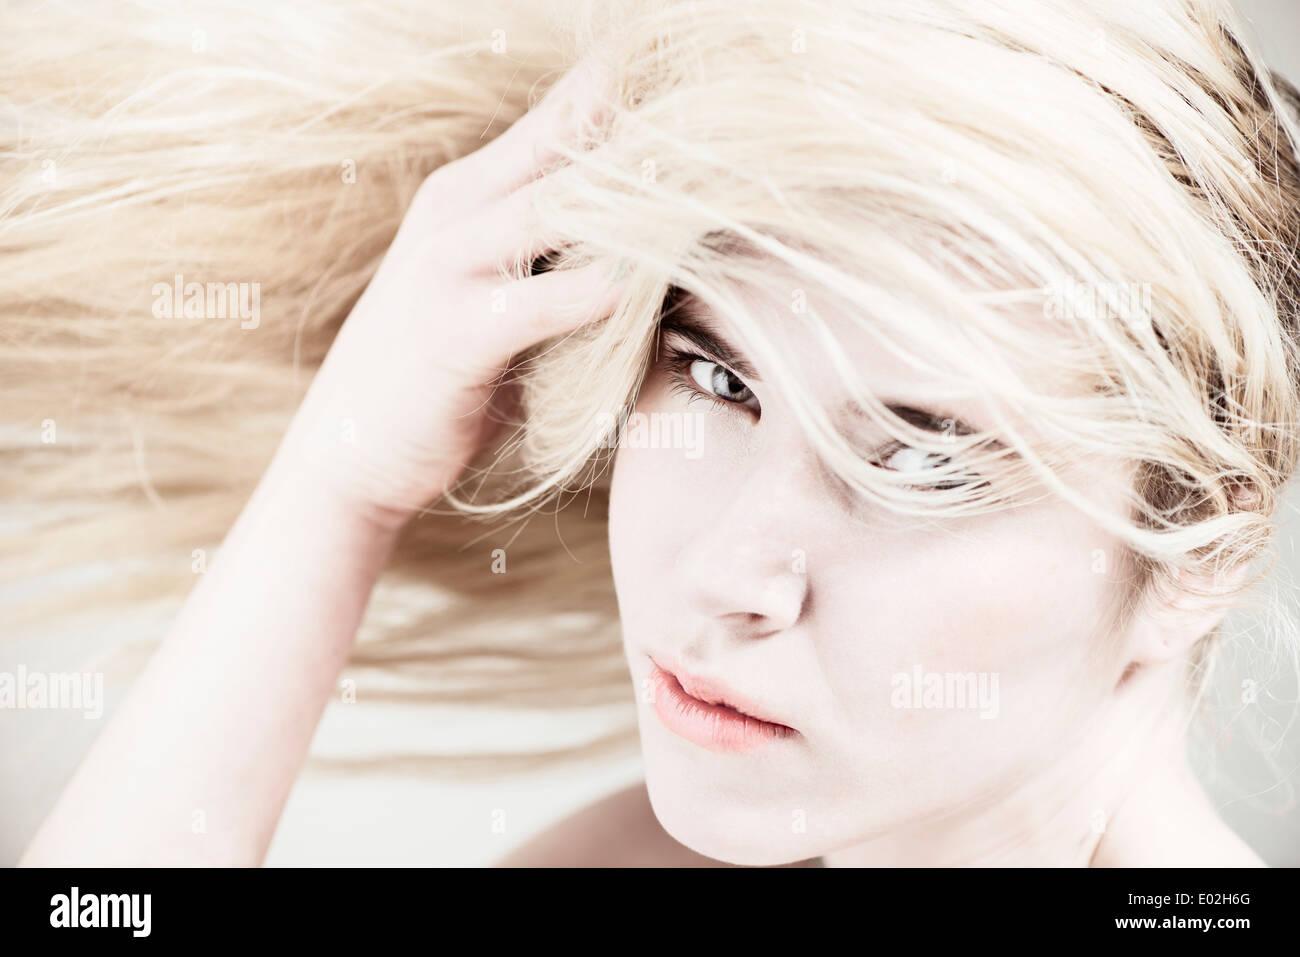 Belle jeune femme blonde aux cheveux longs. Montrant l'expression de cool attitude et de la personnalité. Photo Stock